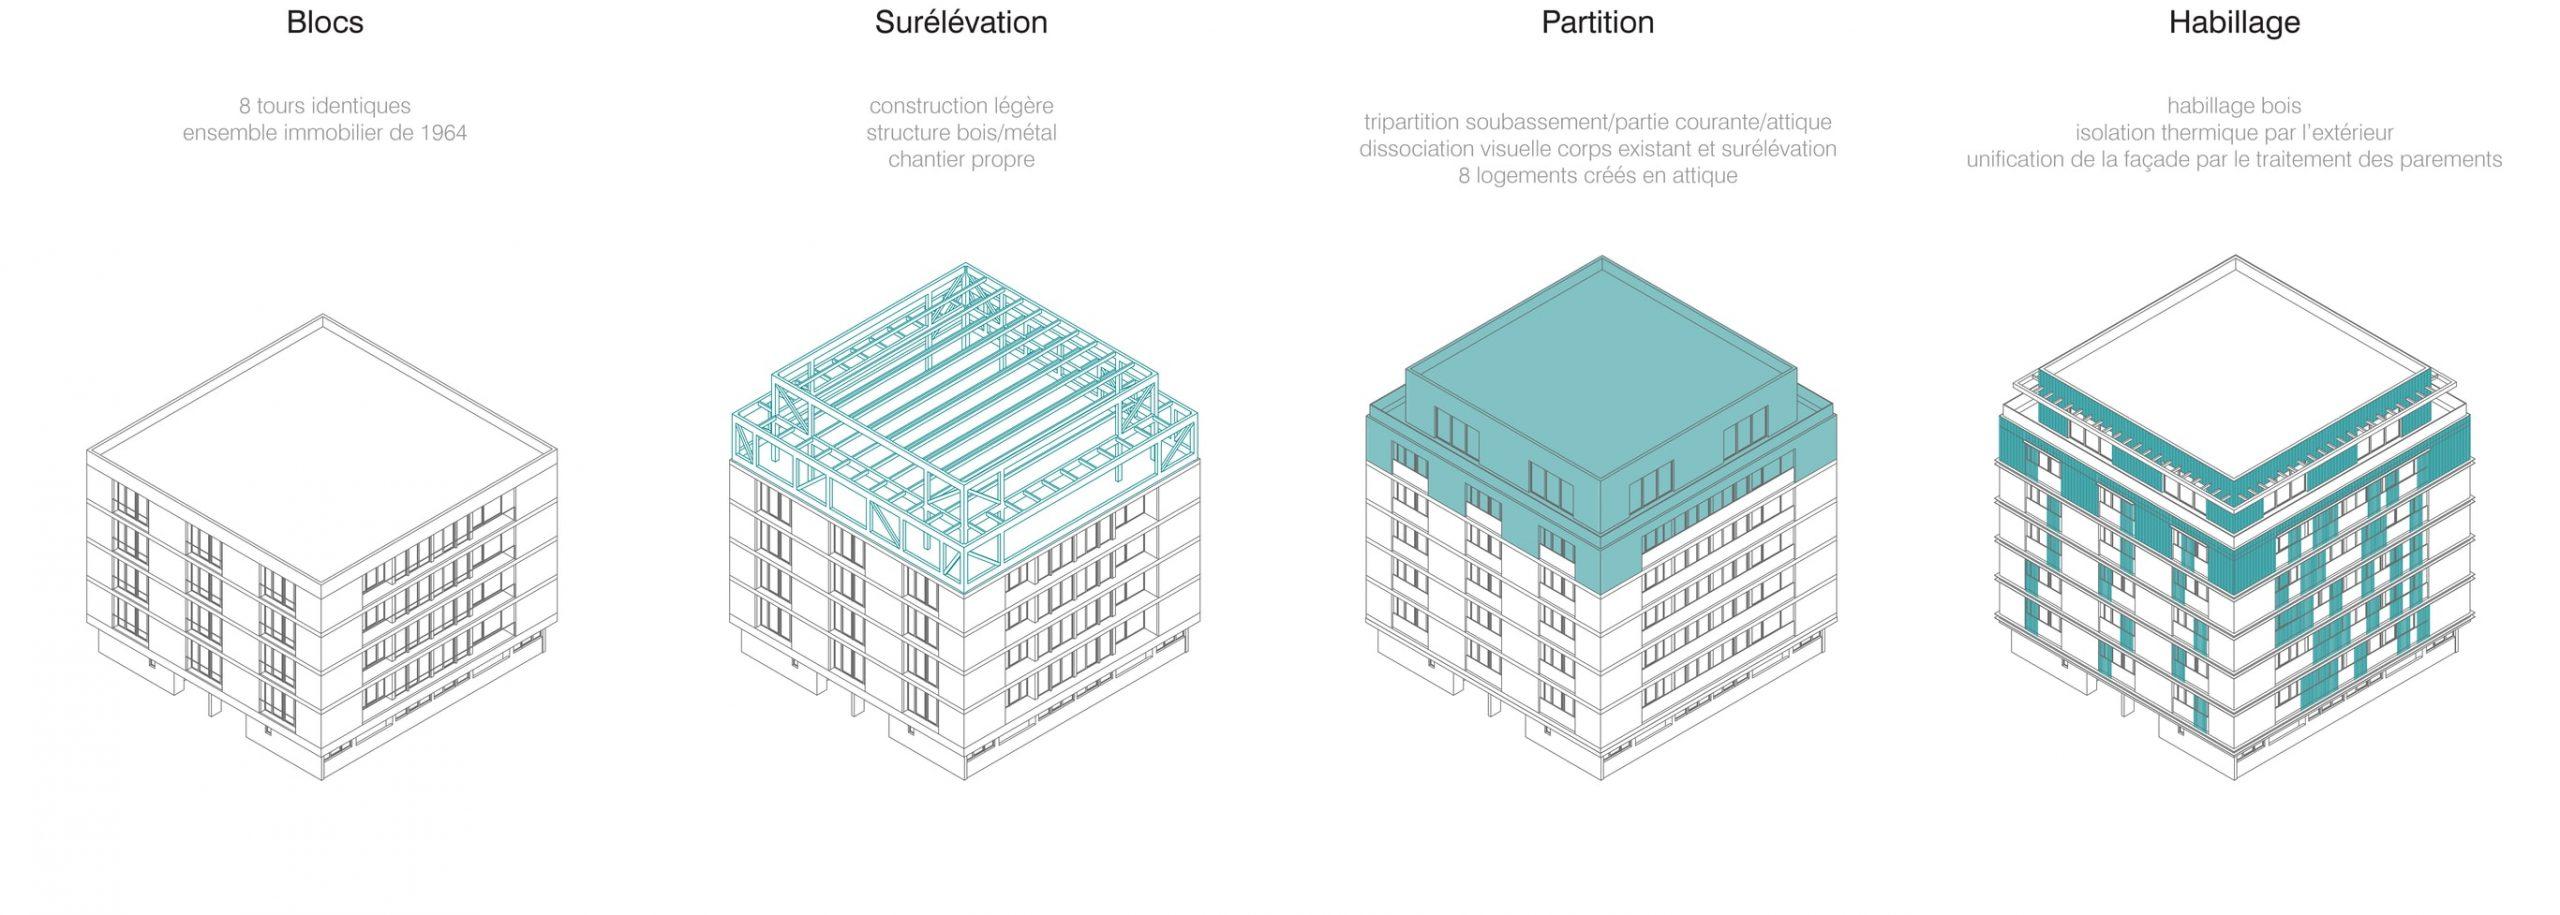 Blocs / Surélévation / Partition / Habillage